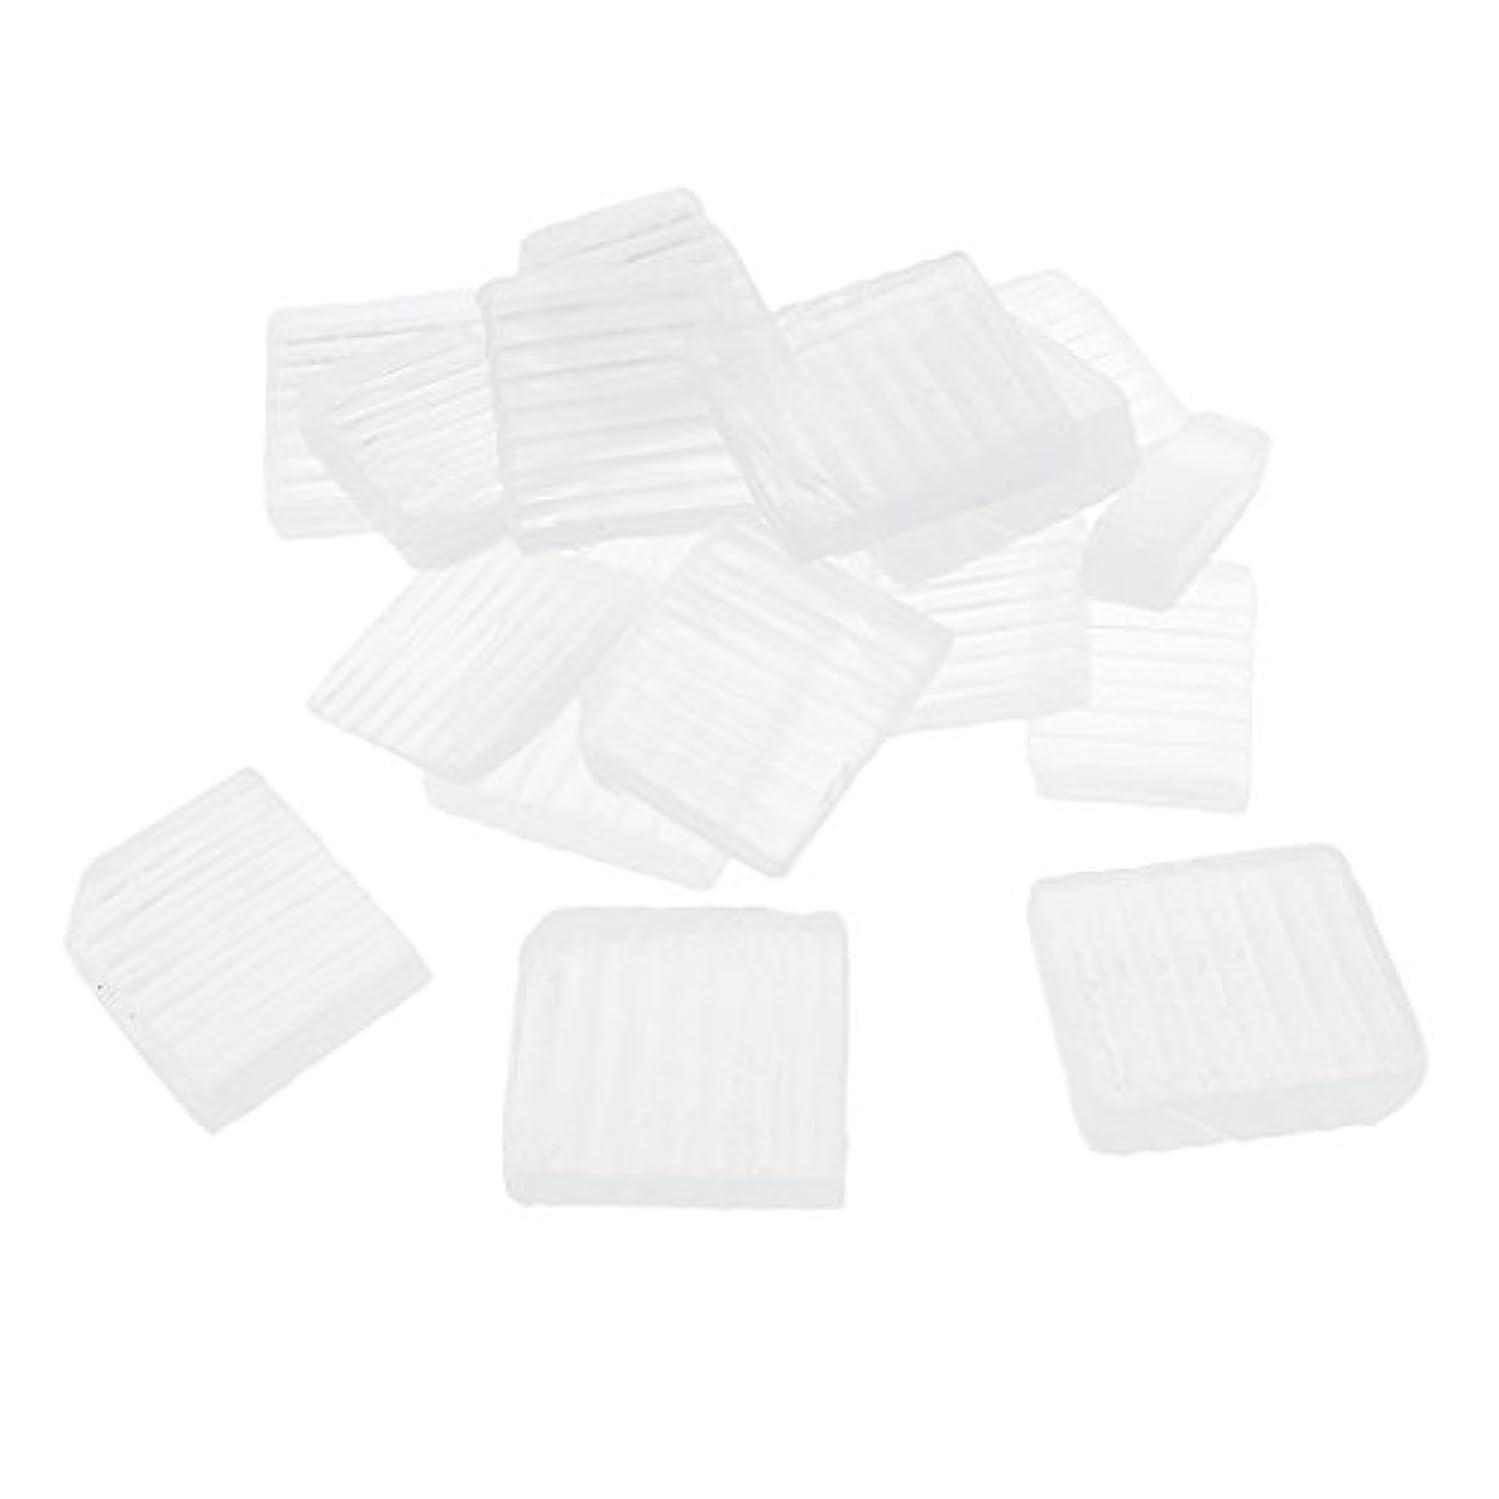 画像拡張微生物P Prettyia 透明 石鹸ベース DIY 手作り 石鹸 材料 約1 KG DIYギフト